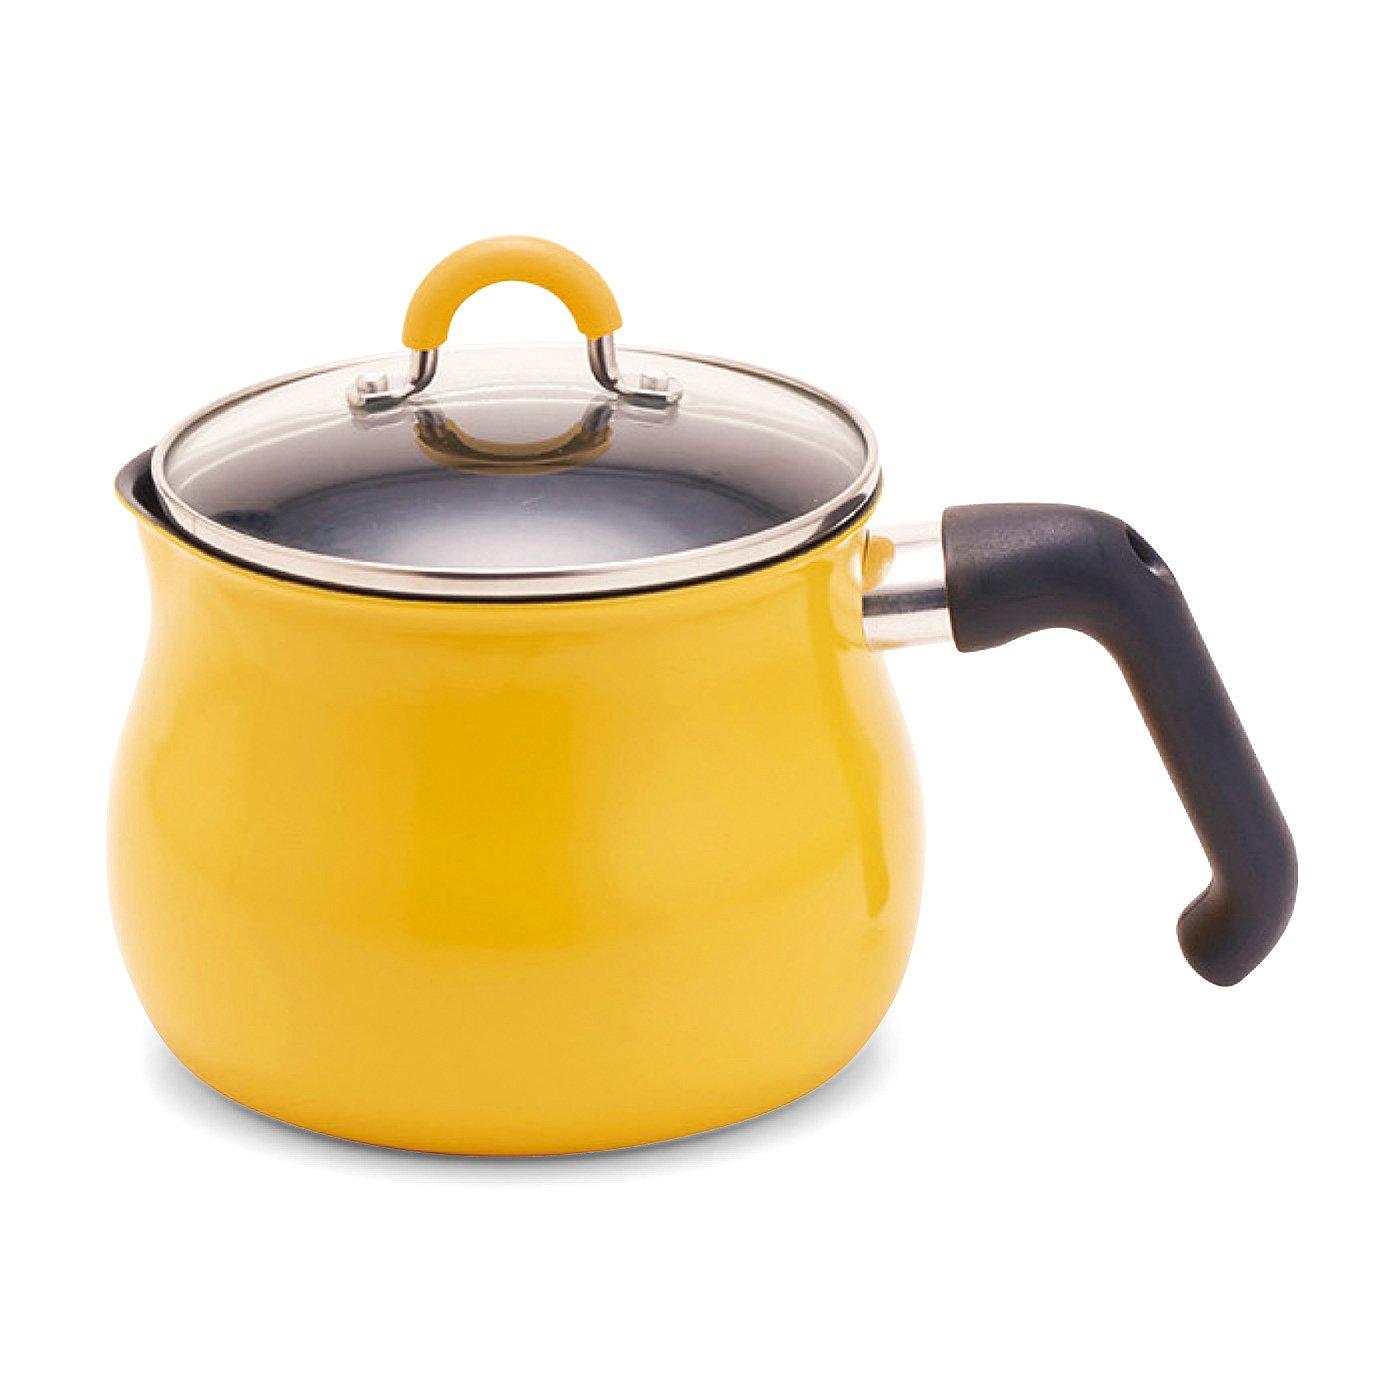 いろいろな鍋の役割をギューッとひとつに 7通りに使えるマルチポット〈イエロー〉